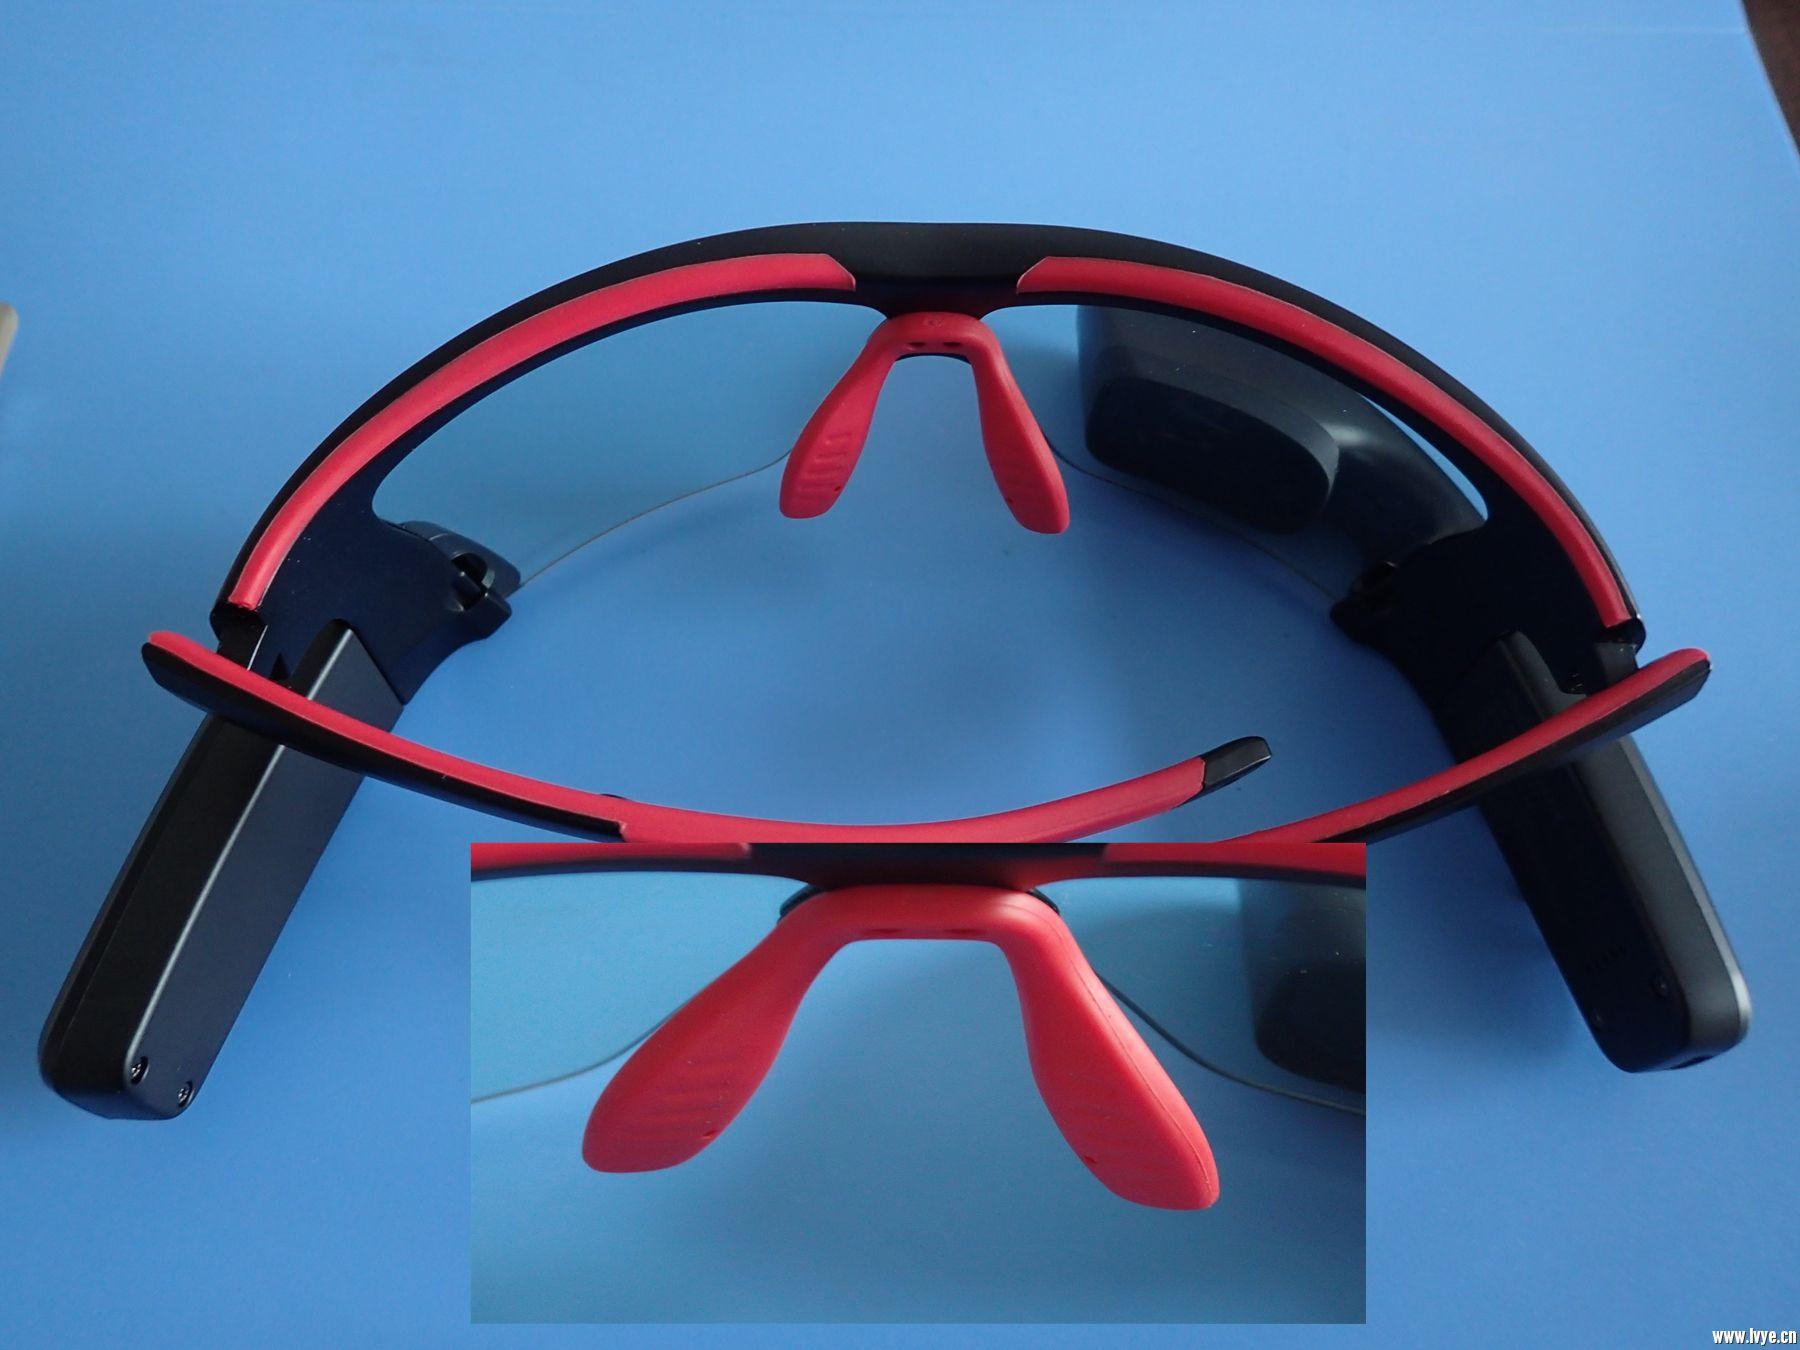 户外利器----alfareal ar 运动智能眼镜测评